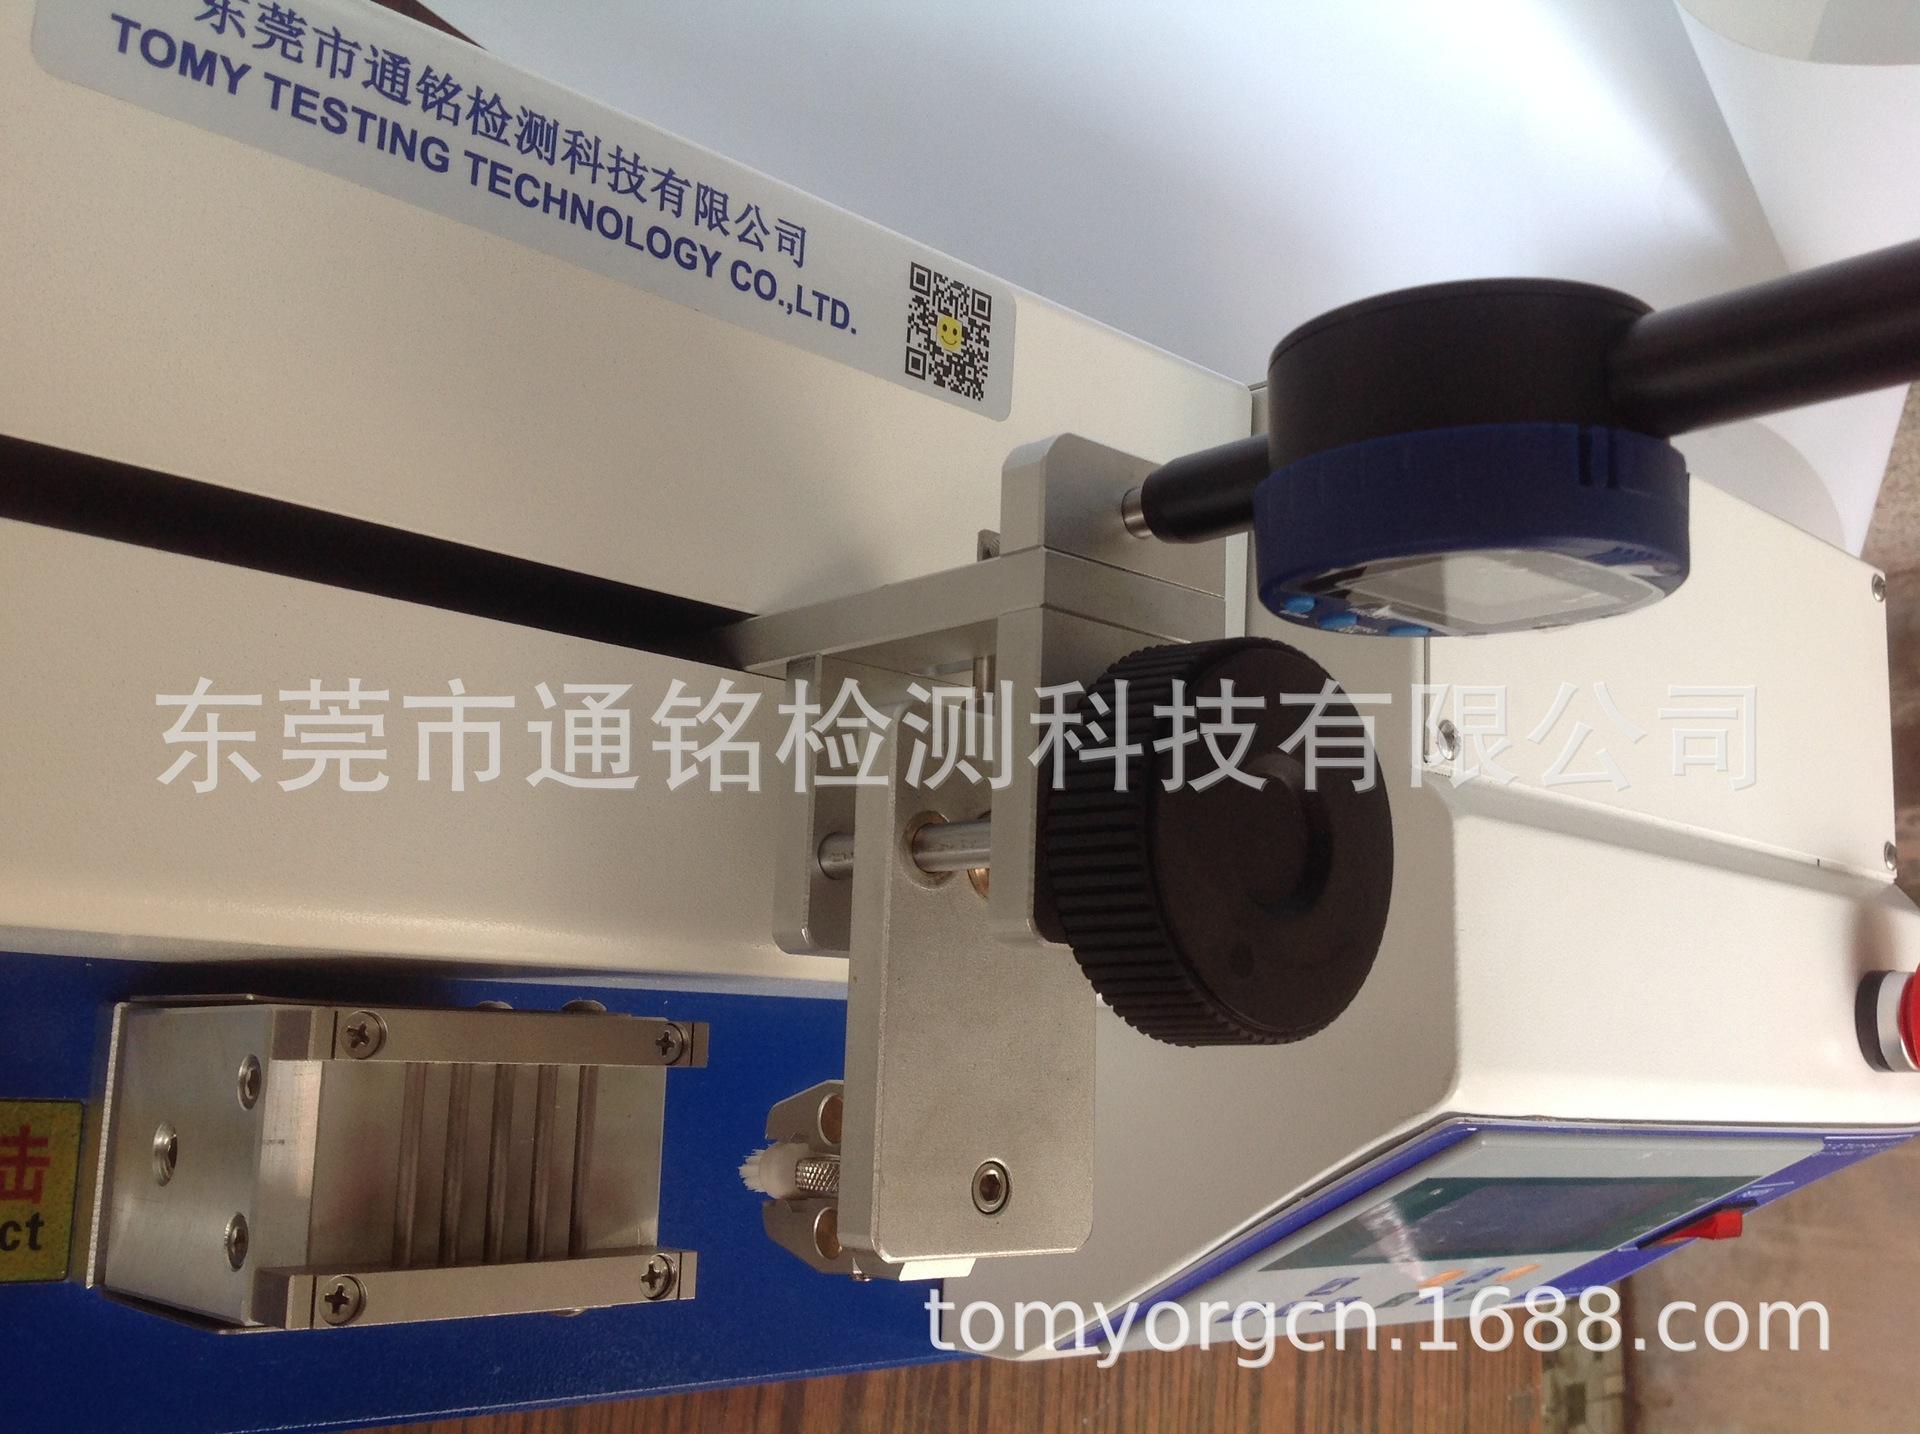 正品TN9018 牙刷毛束强度测定仪,刷毛硬度弯曲力测试机,GB19342 3